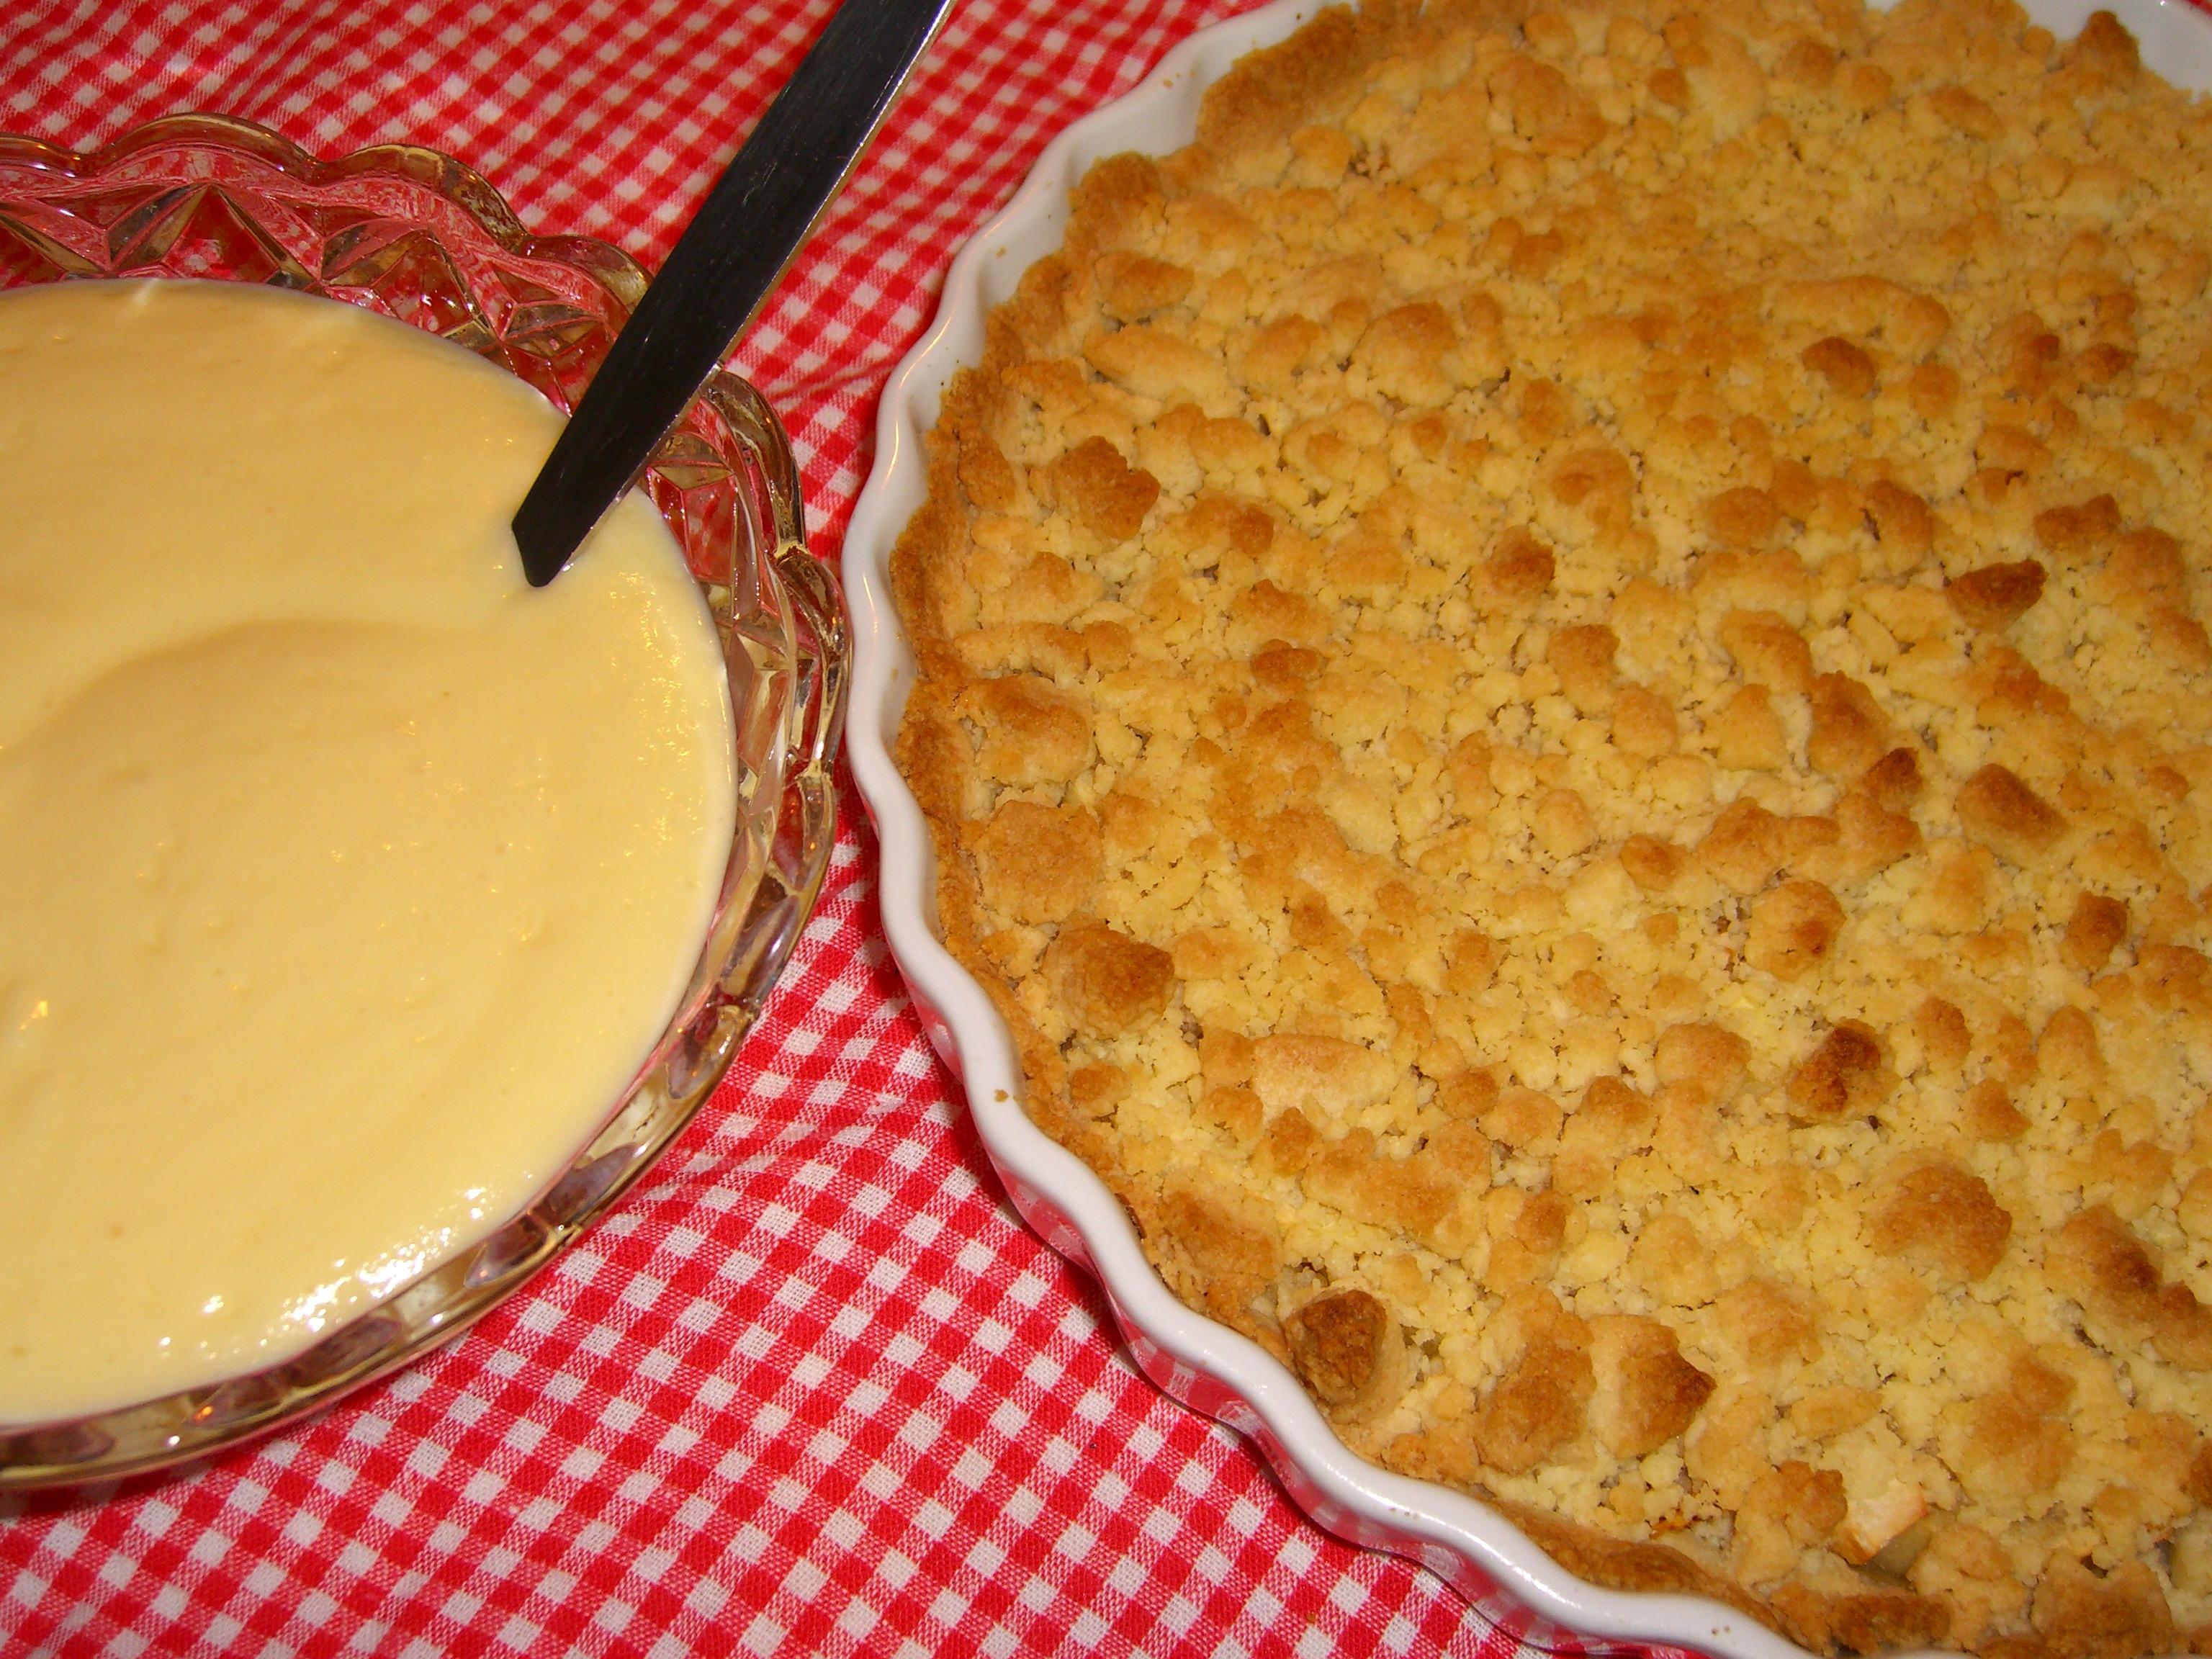 enkel äppelkaka i pajform